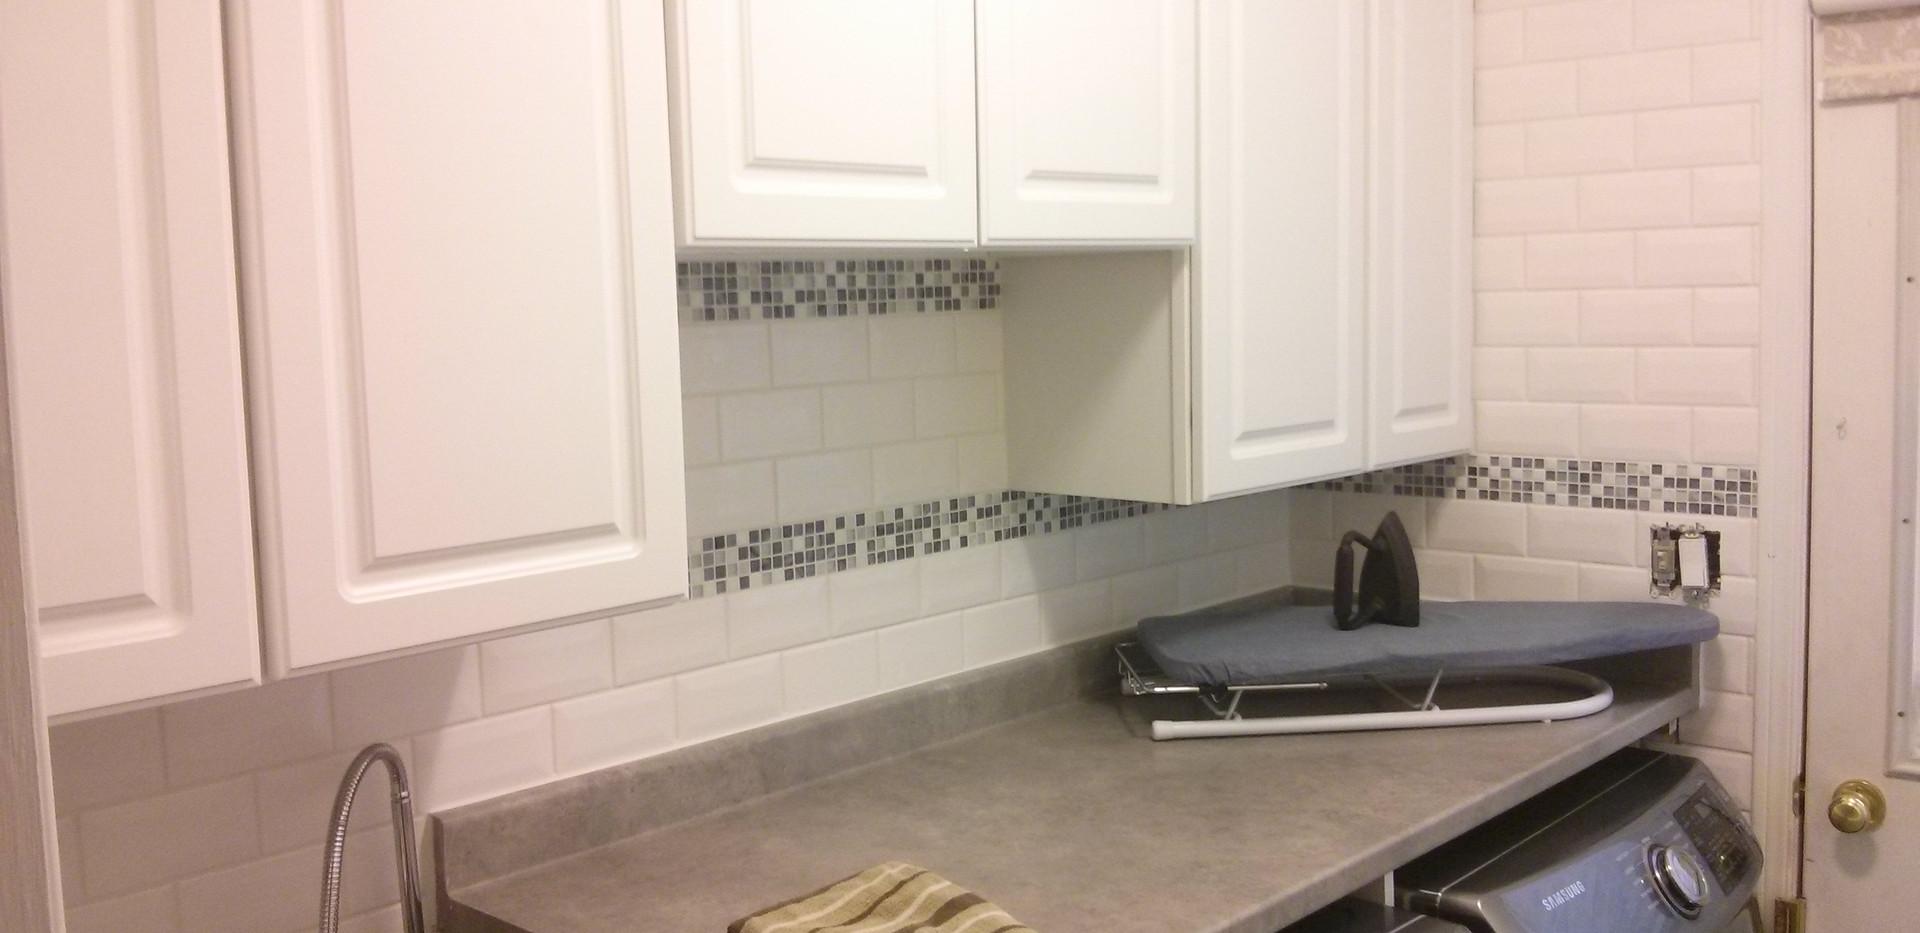 Laundryroom Subway Tile Backsplash with